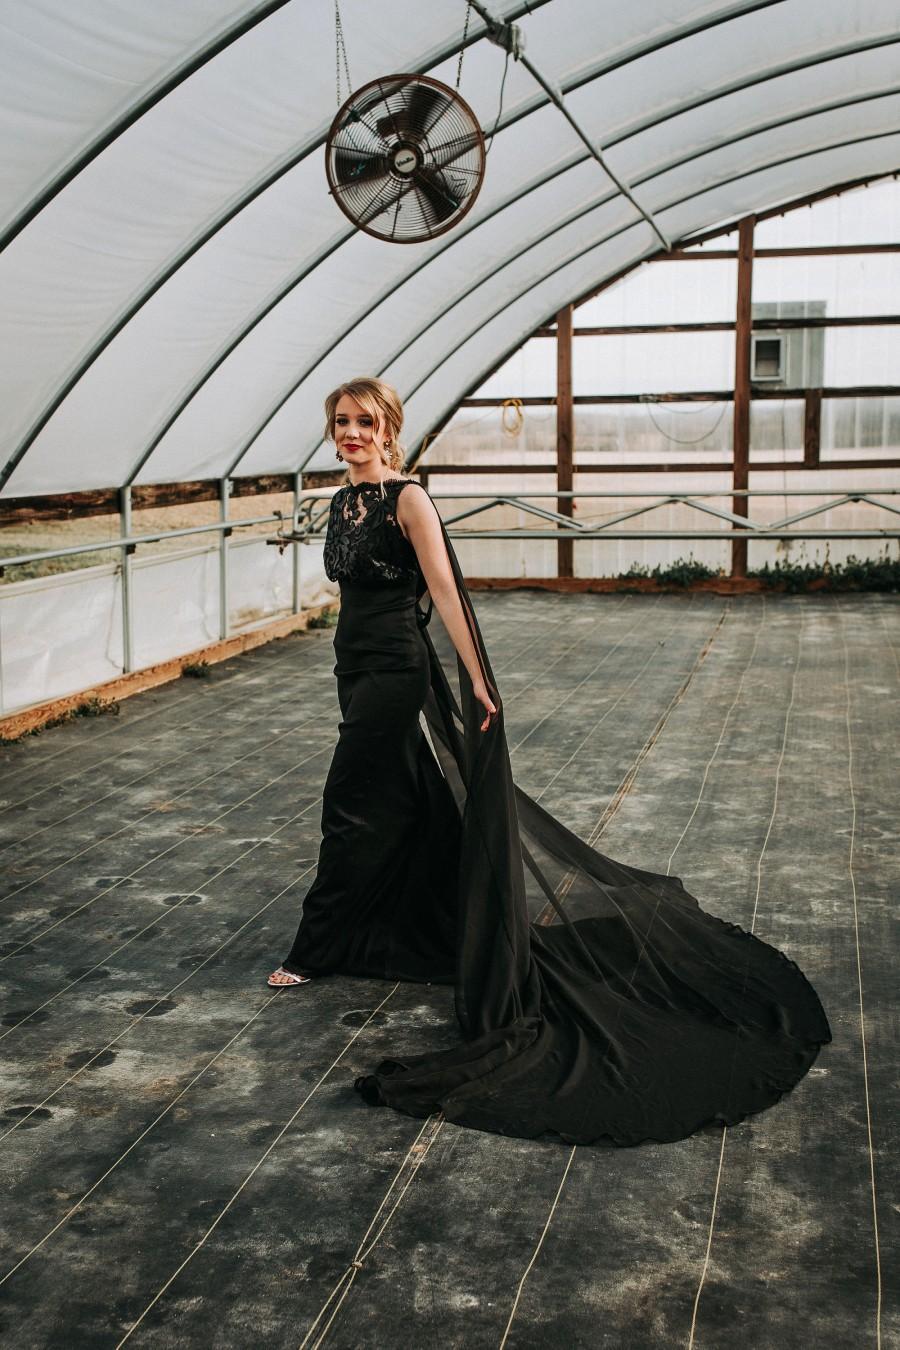 Hochzeit - Black Evening Gown, Prom Dress,